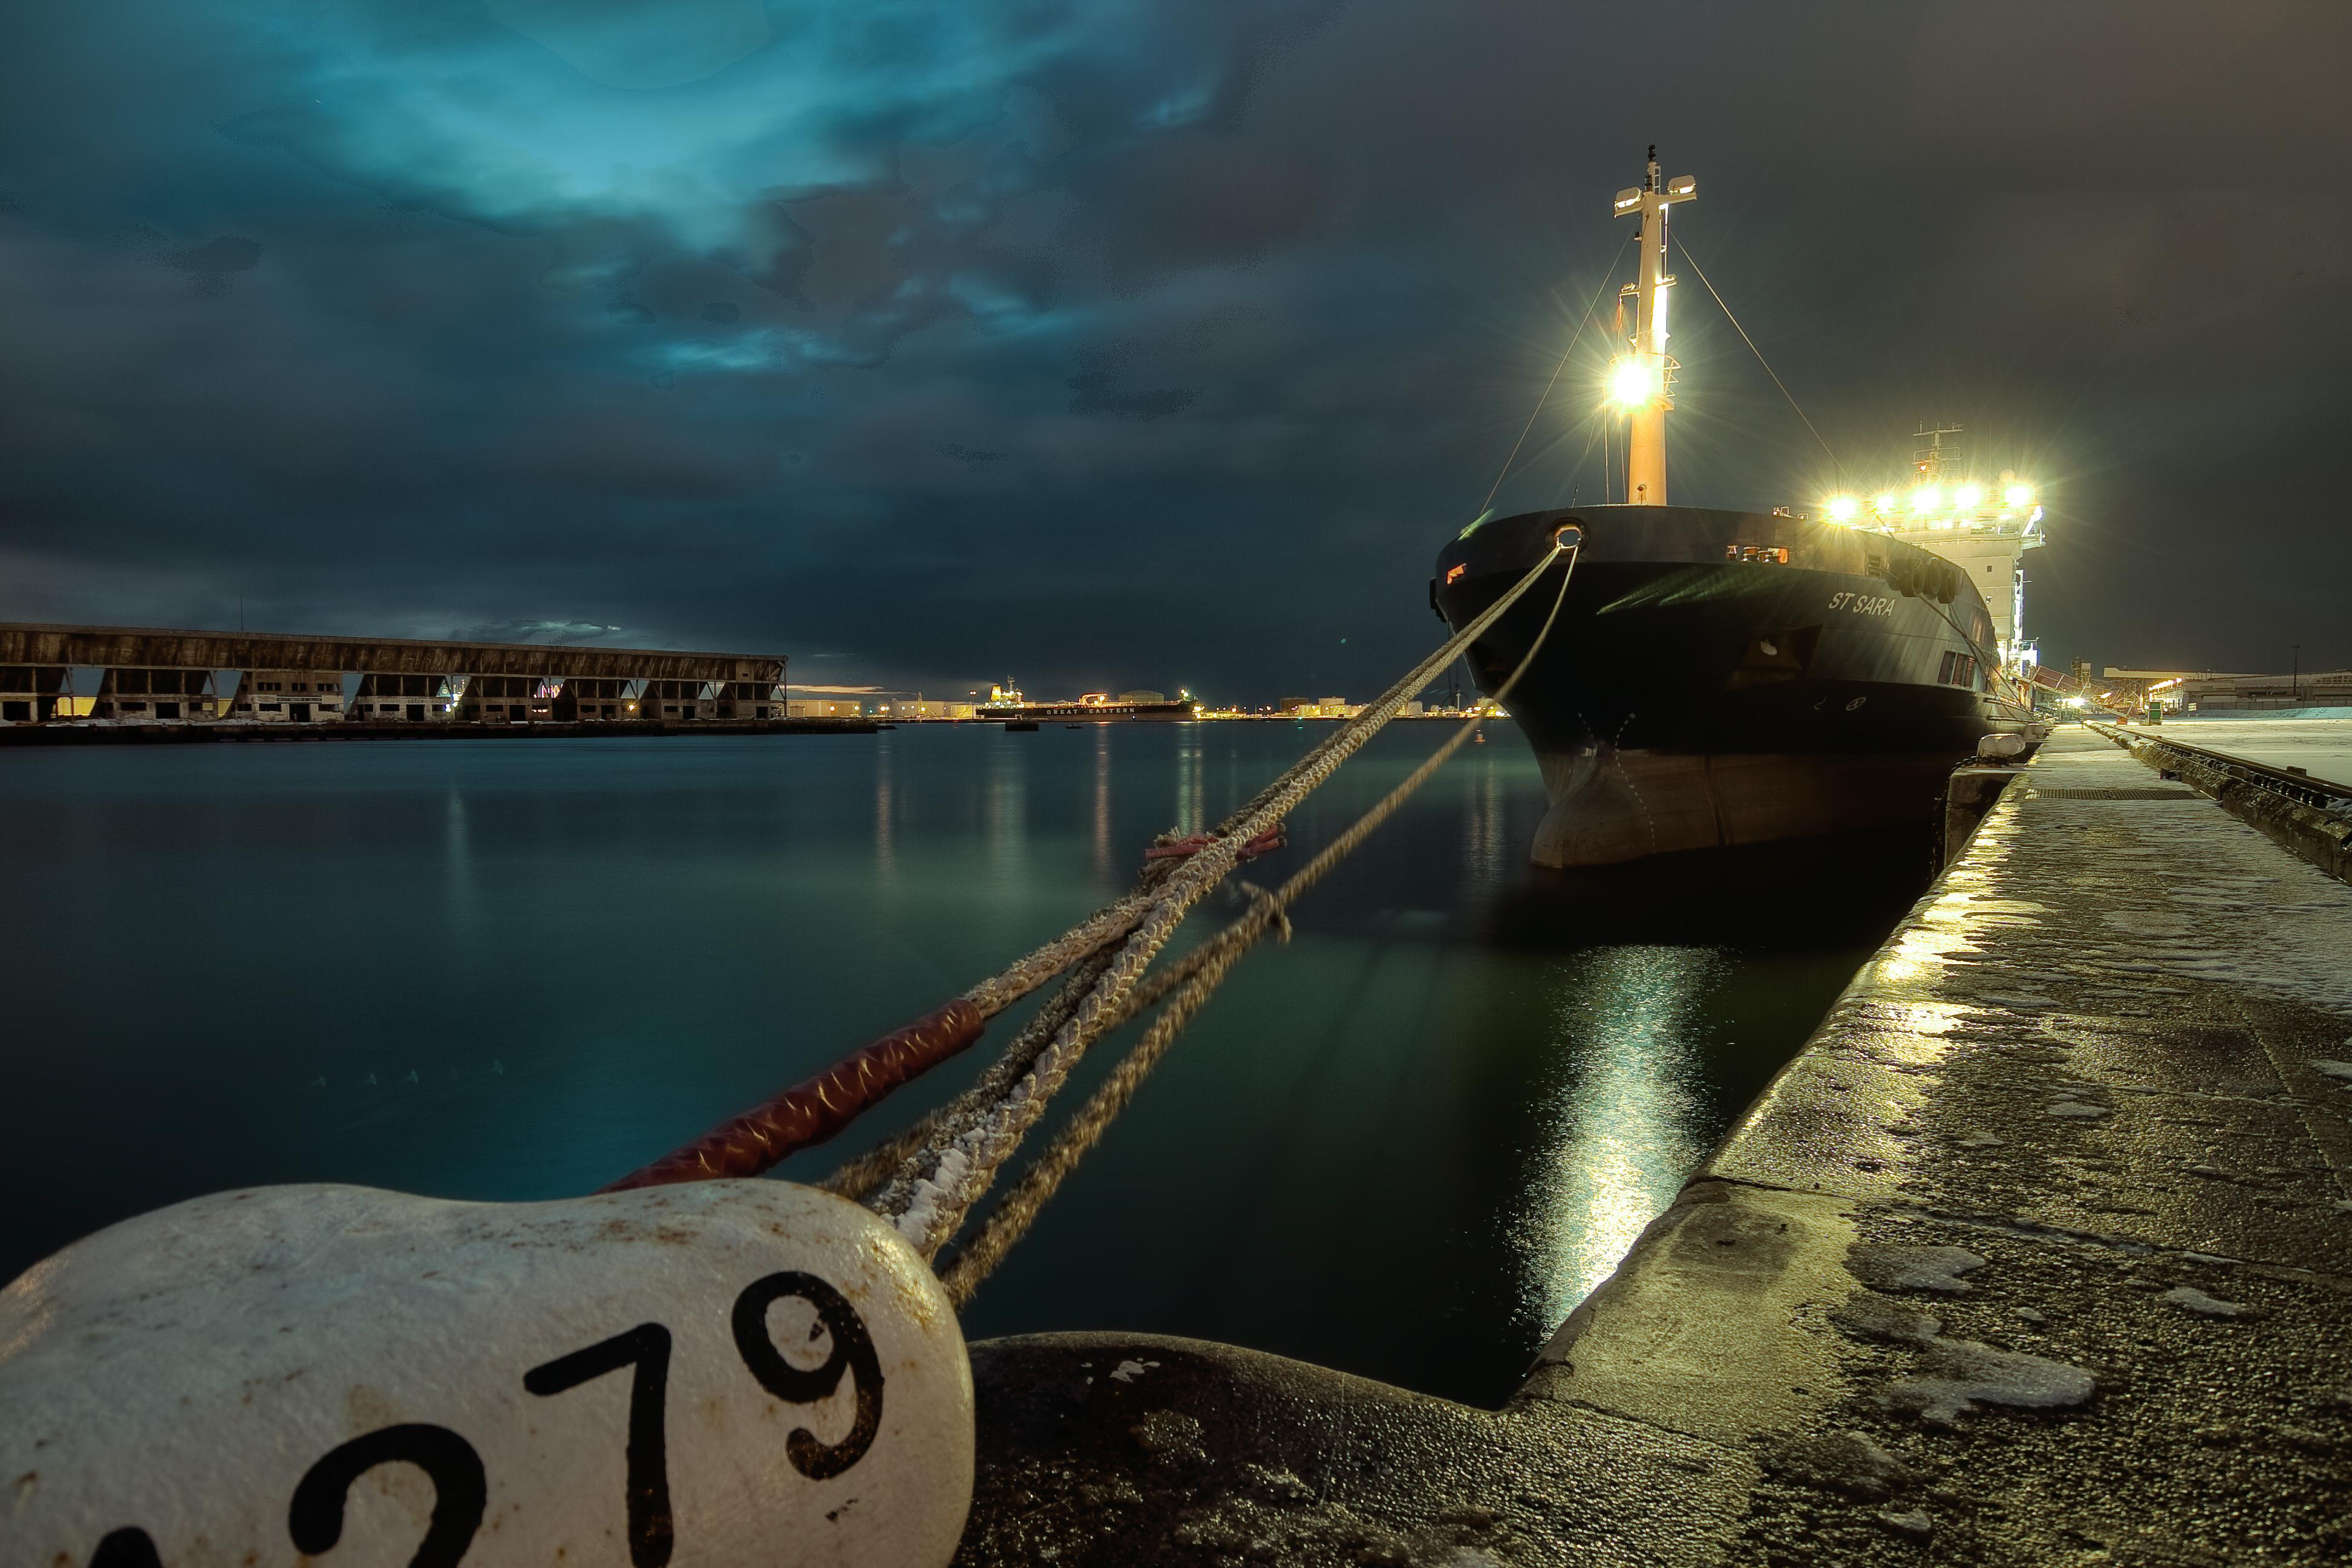 Sur le port du #Havre #LH